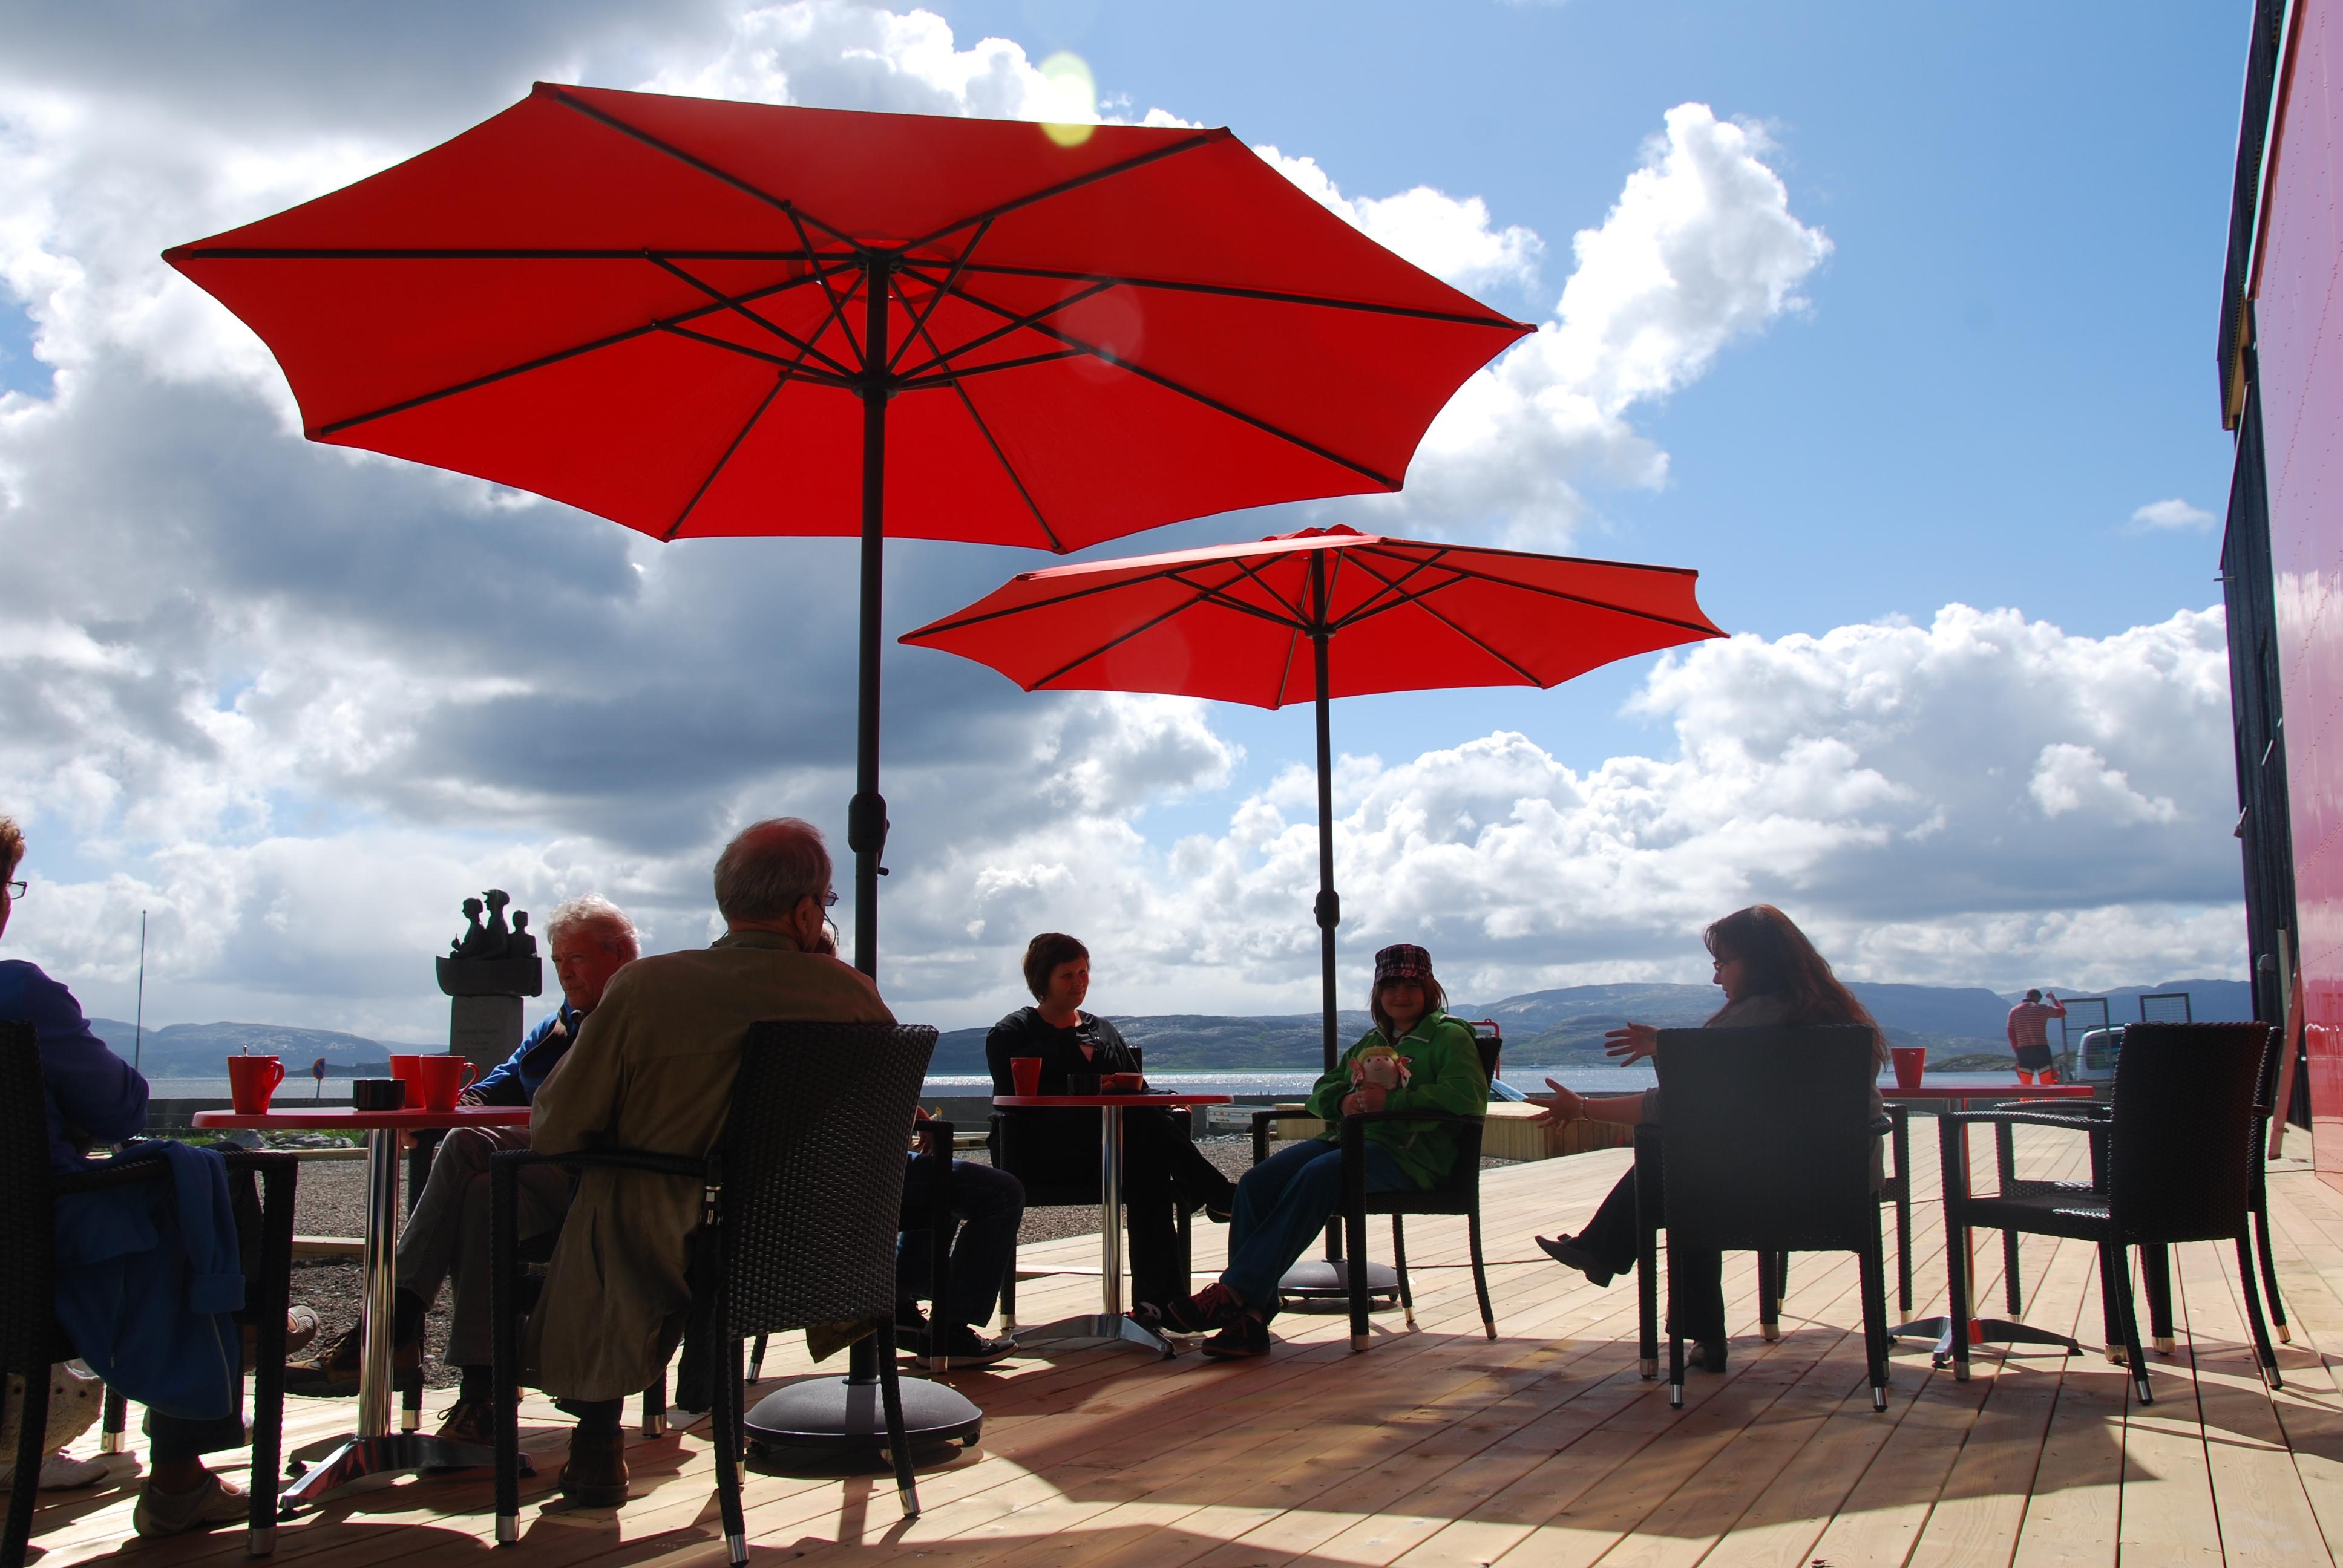 Ørland kysthotell. Copyright: Ørland kysthotell